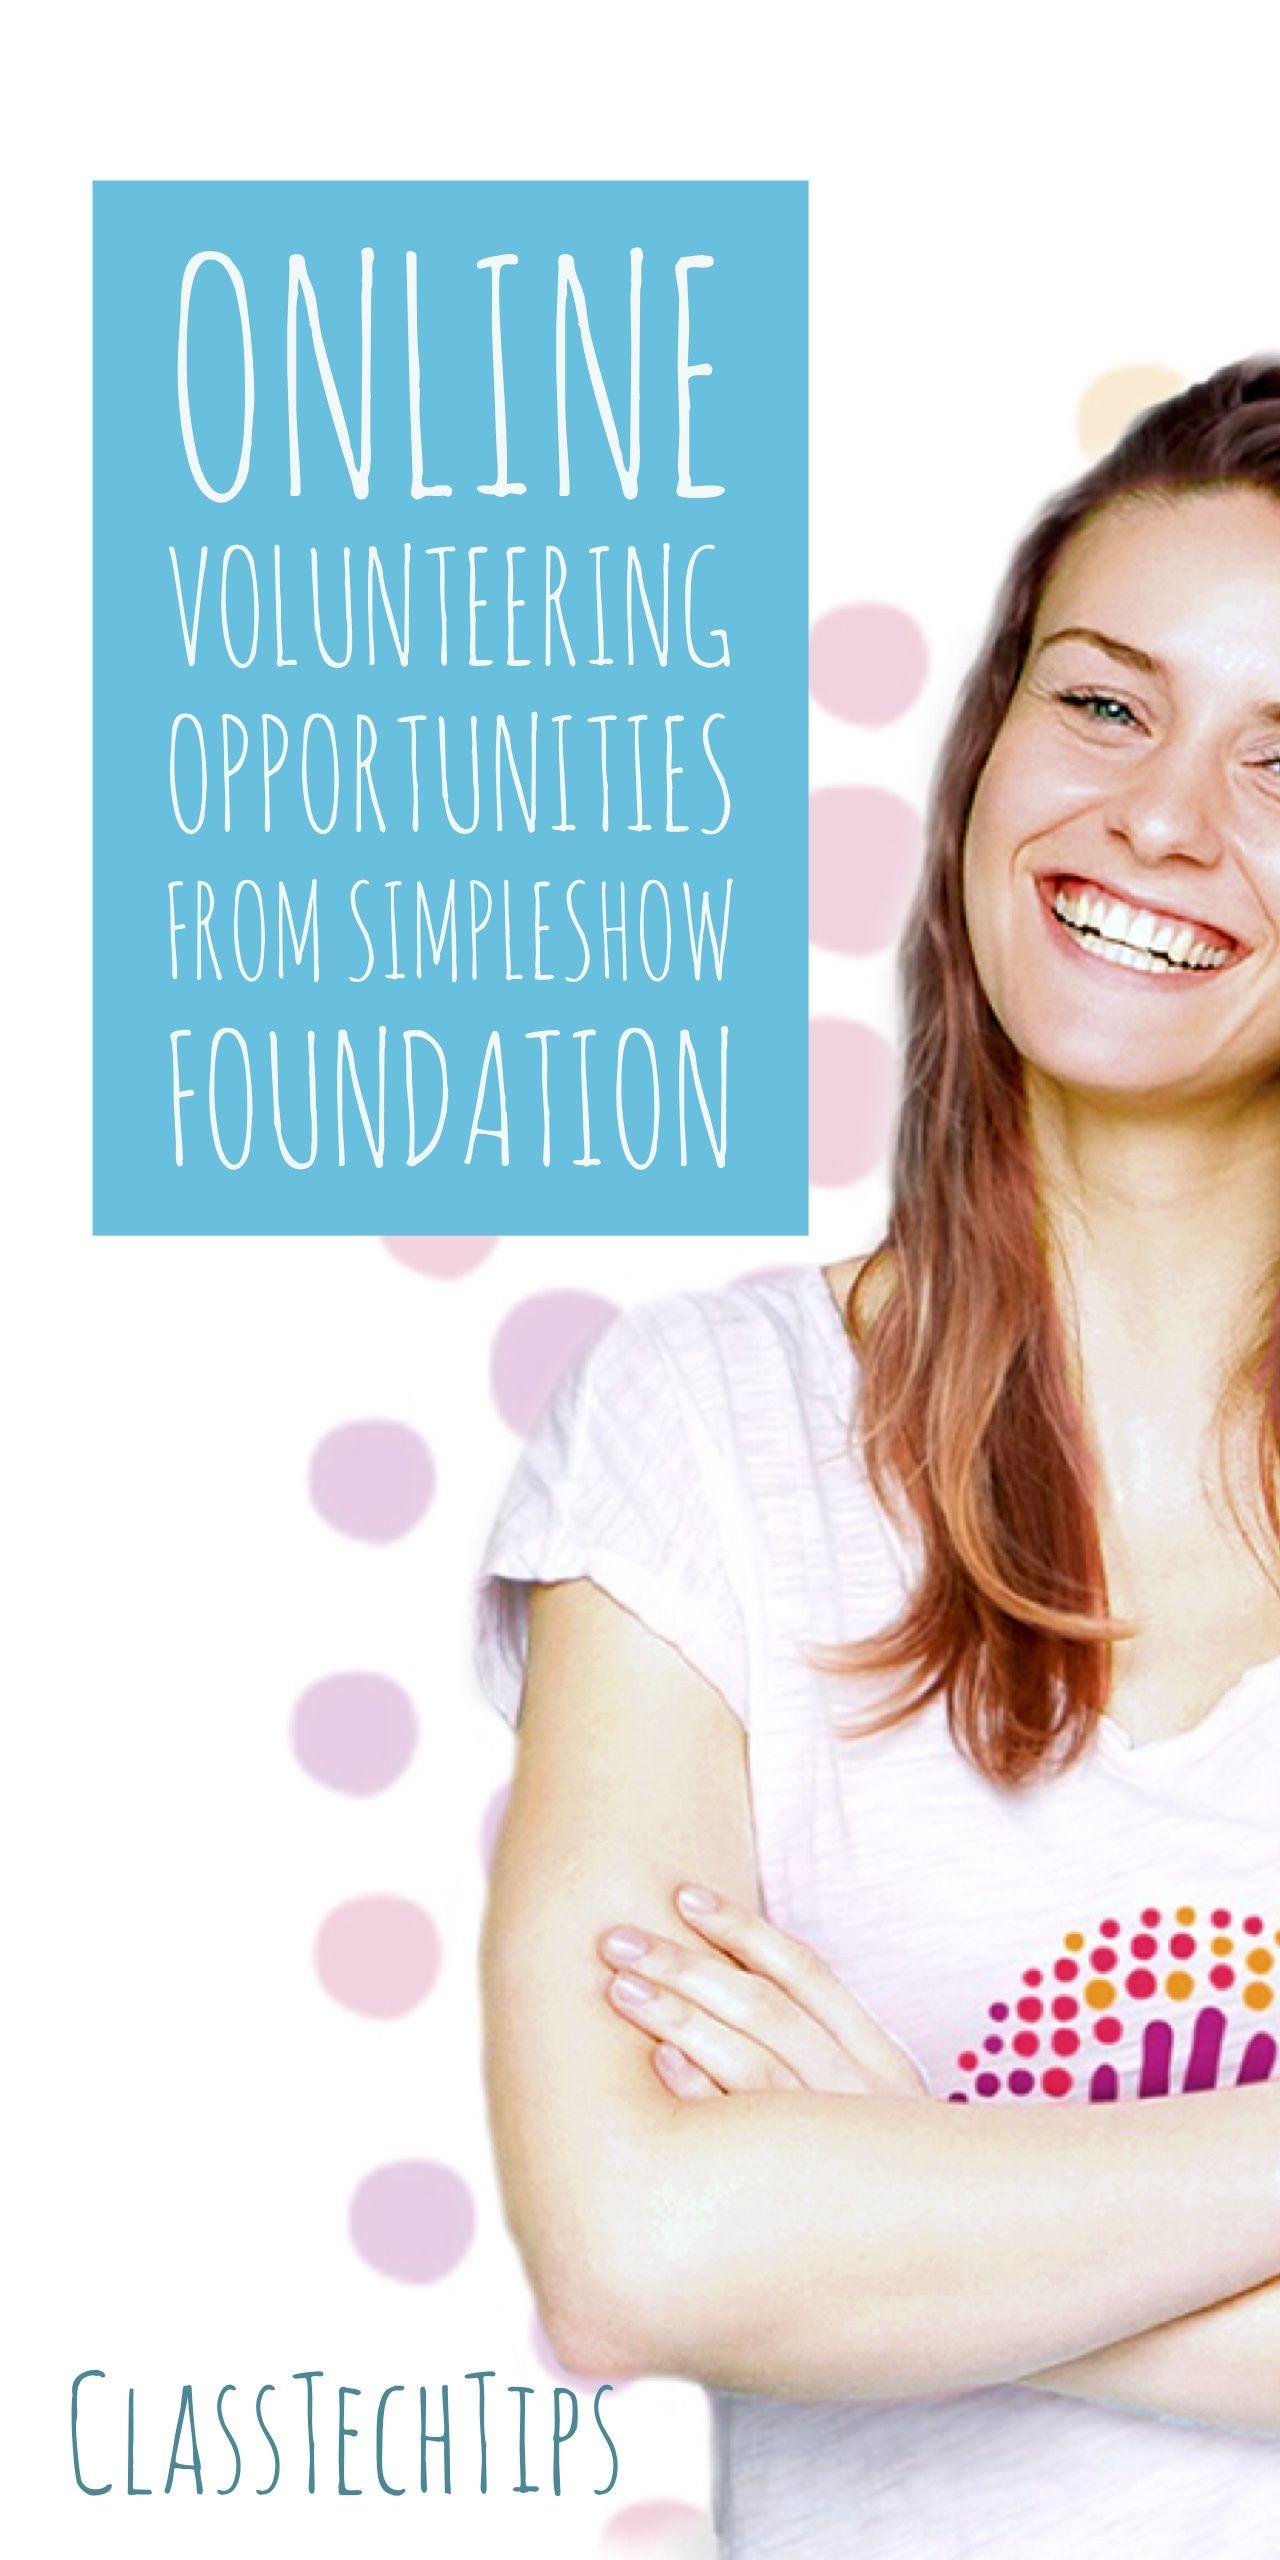 Online Volunteering Opportunities from simpleshow